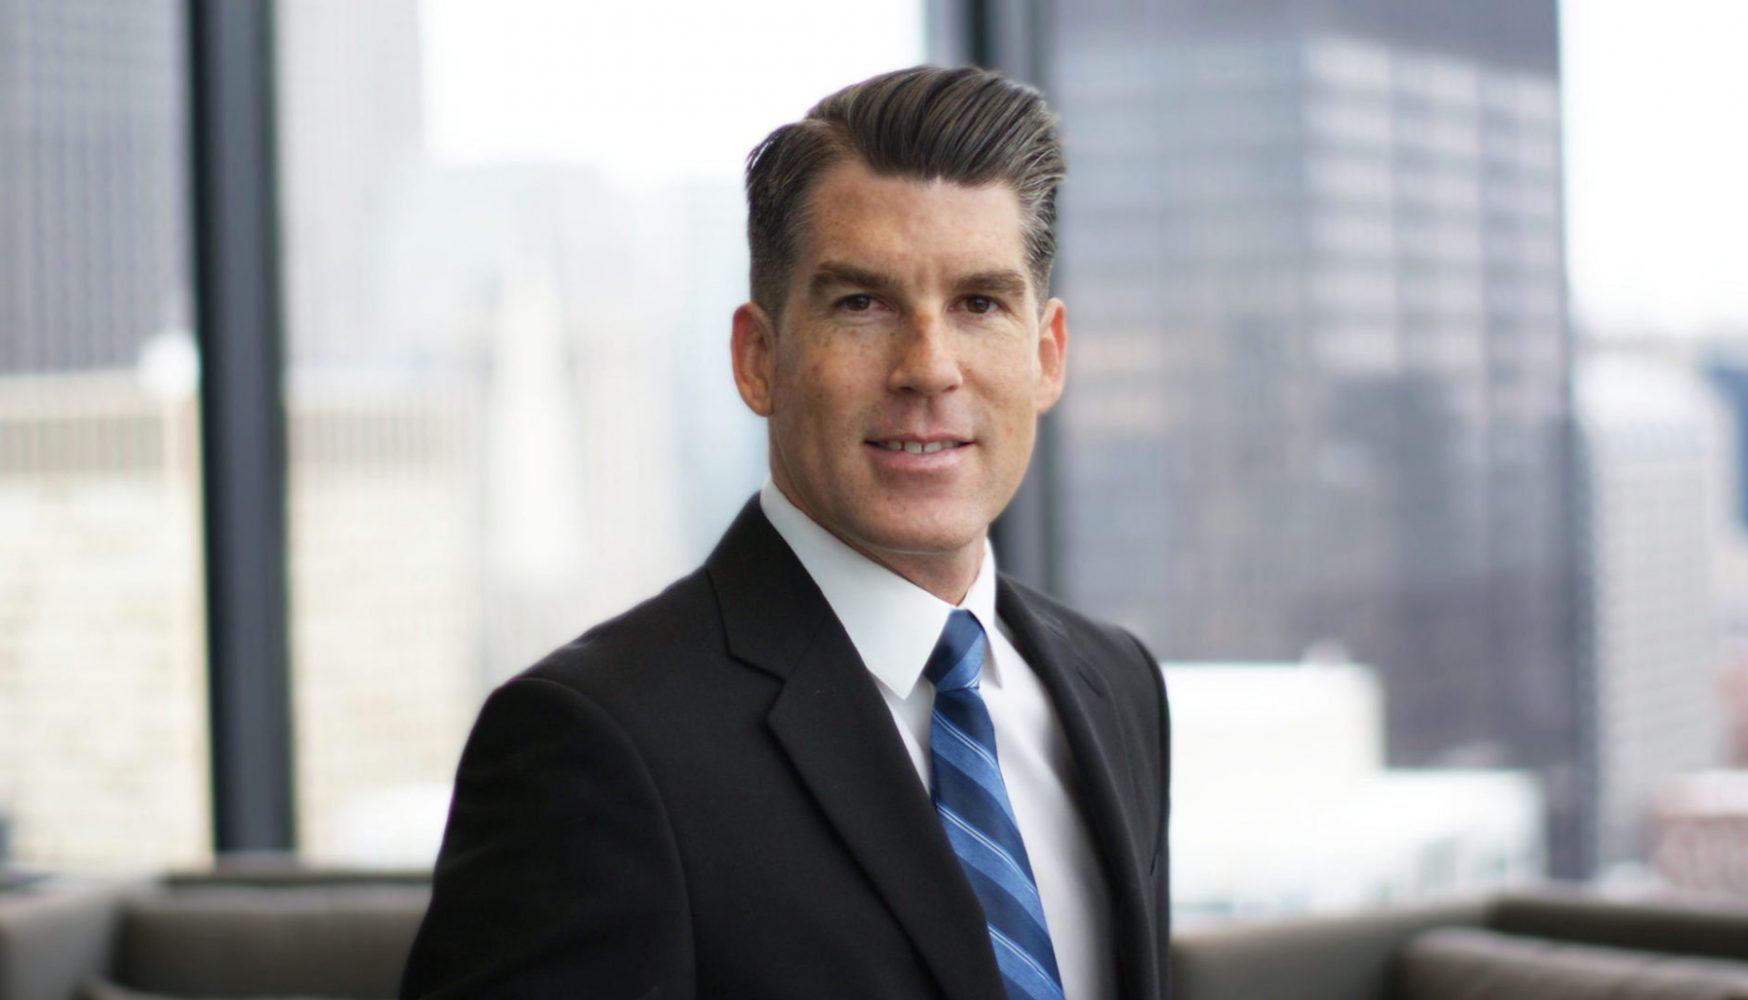 Mark Ziemke